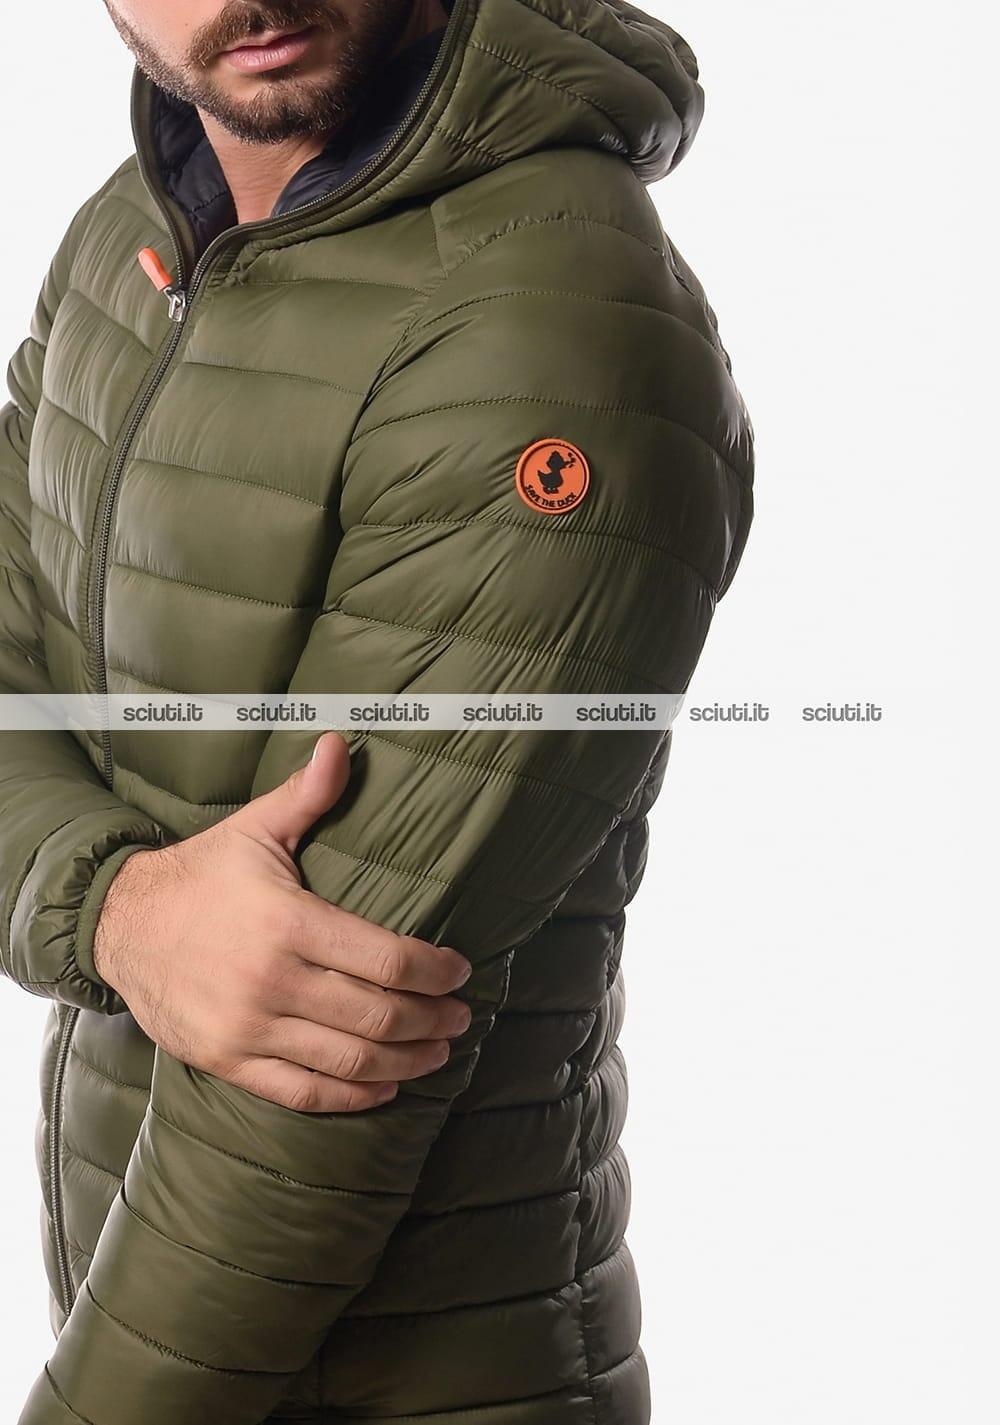 wholesale dealer 23fd9 9f239 Piumino Save the duck uomo con cappuccio verde militare ...